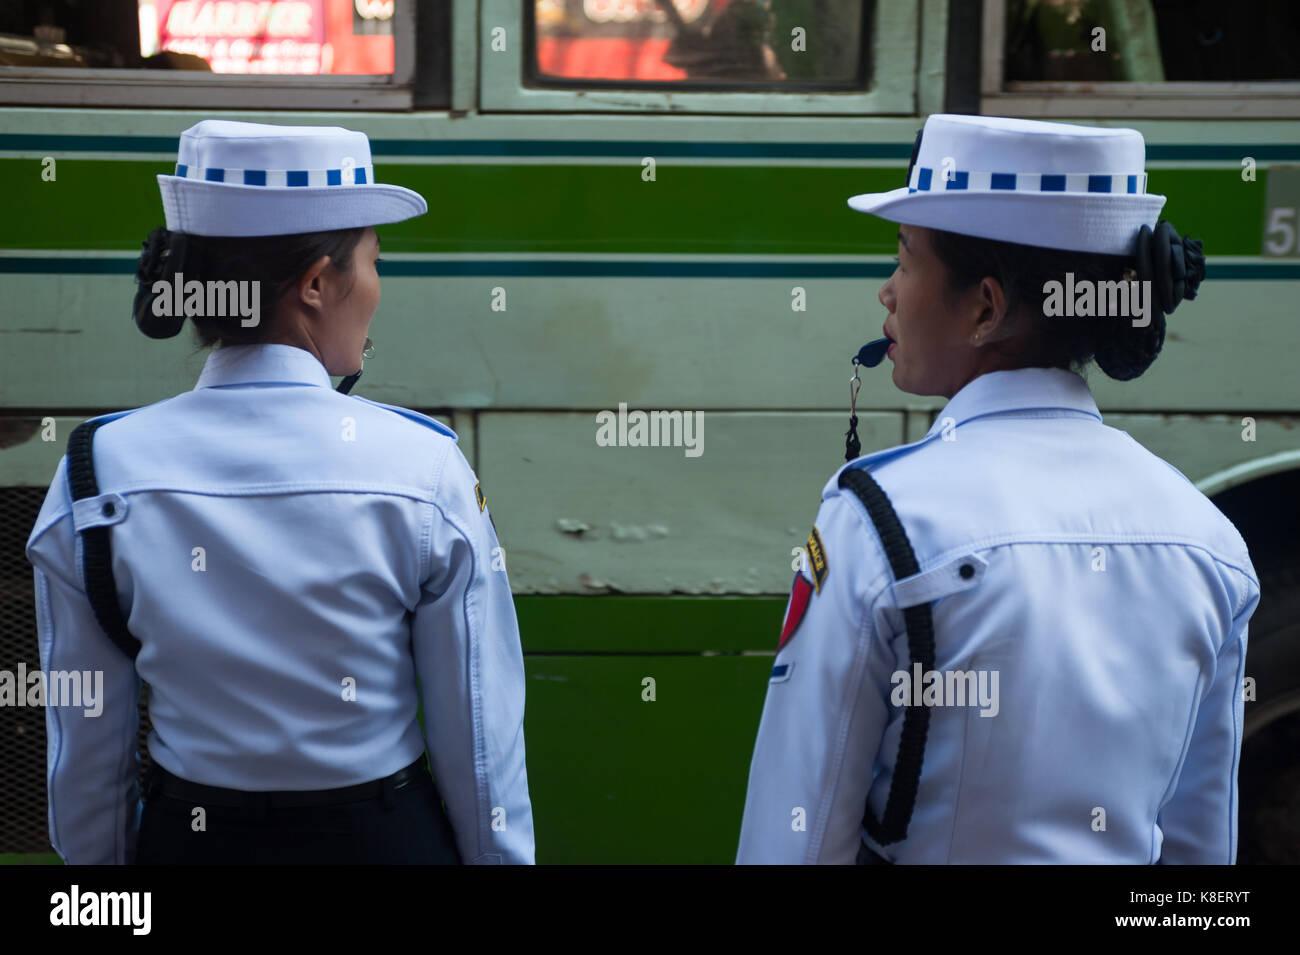 26.01.2017, Yangon, Yangon, région de la république de l'Union du Myanmar, en Asie - deux femmes agents Photo Stock